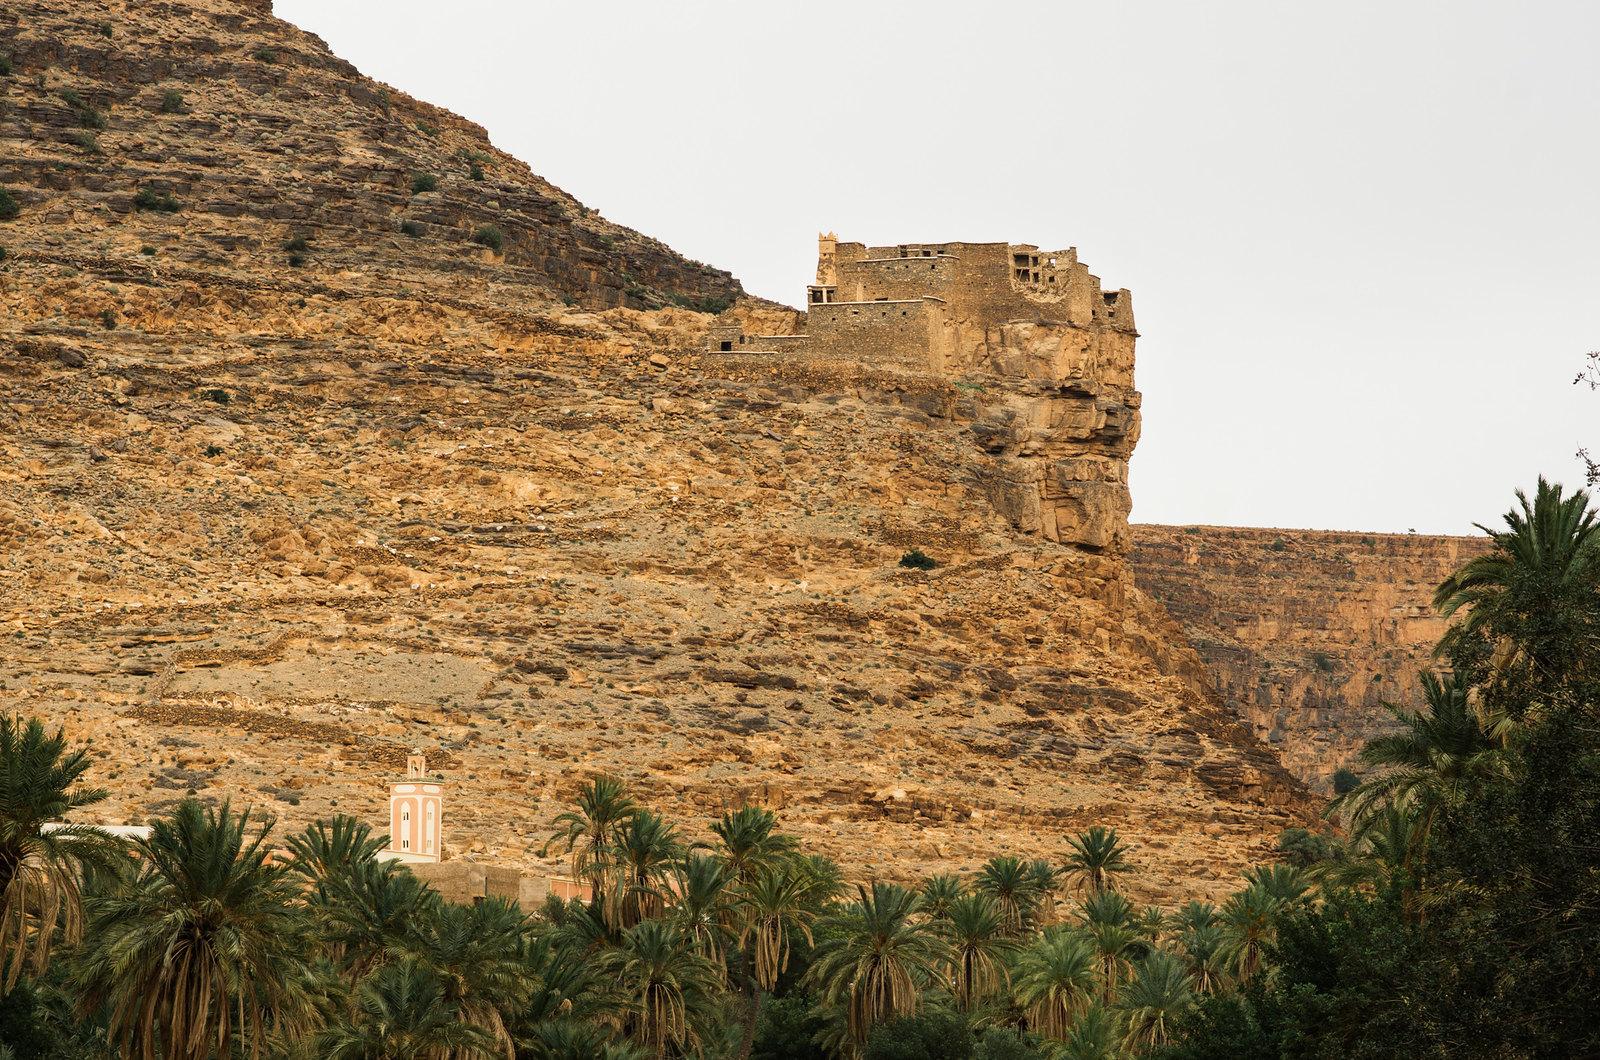 Trek sans guide au Maroc - 5 jours dans l'anti-Atlas - La civilisation